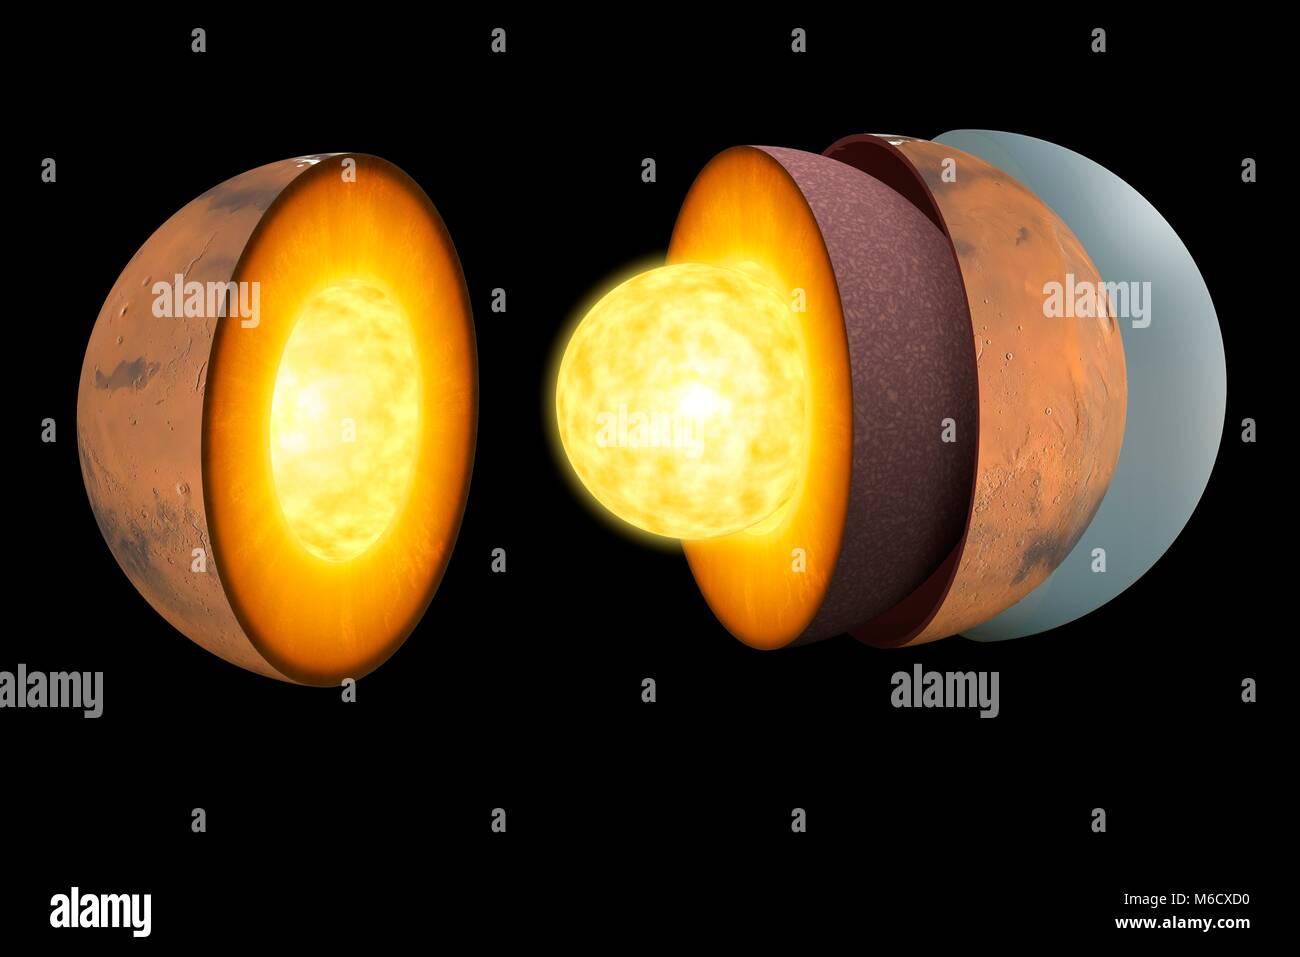 https://c8.alamy.com/compfr/m6cxd0/schema-montrant-linterieur-de-la-planete-mars-terrestres-la-couche-externe-est-lecorce-qui-est-a-30-miles-50-km-de-profondeur-en-moyenne-assez-epais-par-rapport-a-la-terre-la-convecting-manteau-juste-au-dessous-de-la-croute-terrestre-est-une-coquille-depaisseur-de-roches-silicatees-enfin-il-y-a-un-coeur-qui-occupe-jusqua-52-de-la-planete-de-rayon-comme-la-terre-cest-sans-doute-essentiellement-compose-de-nickel-fer-avec-environ-17-pour-cent-de-la-teneur-en-soufre-m6cxd0.jpg